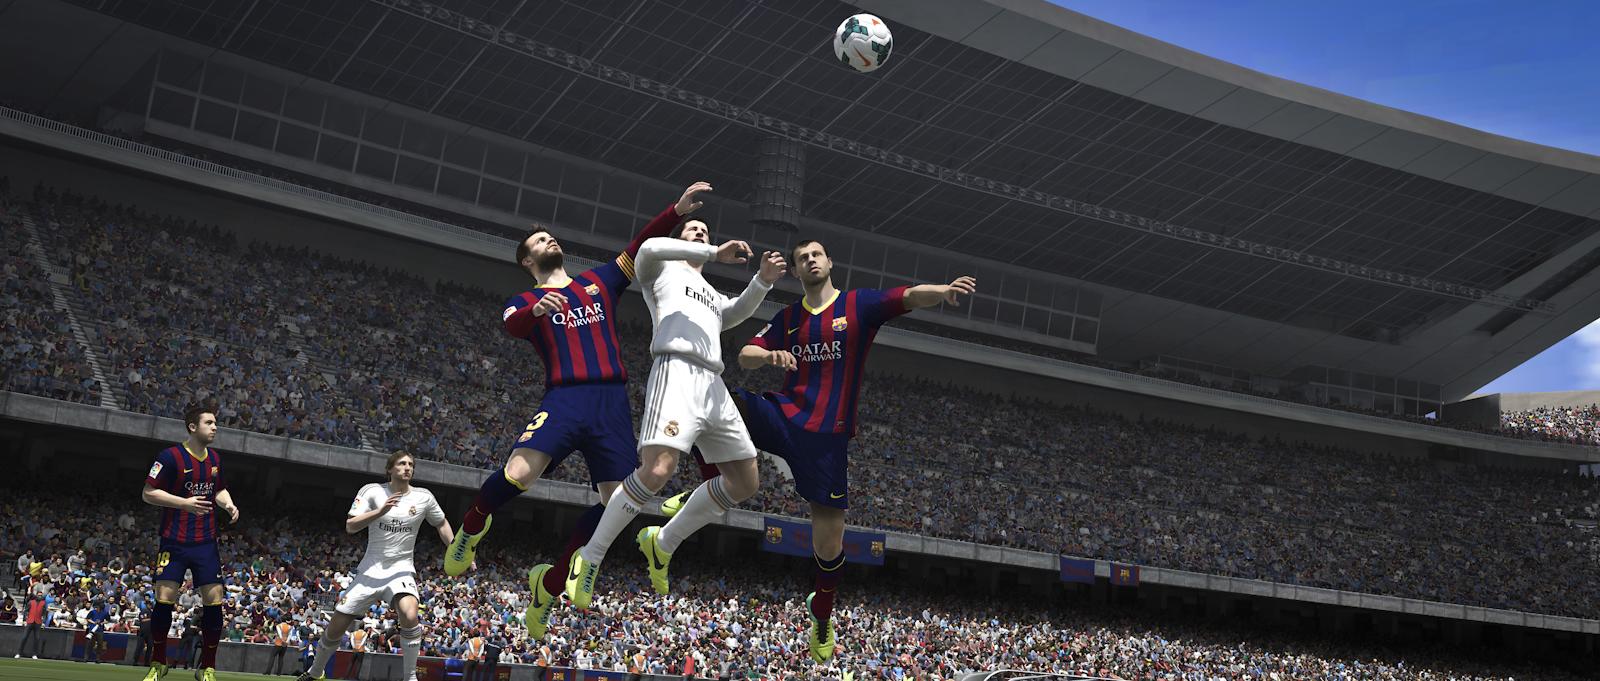 Obrázky z next-gen verze FIFA 14 ukazují FUT Legends a vymazlenější grafiku 89200